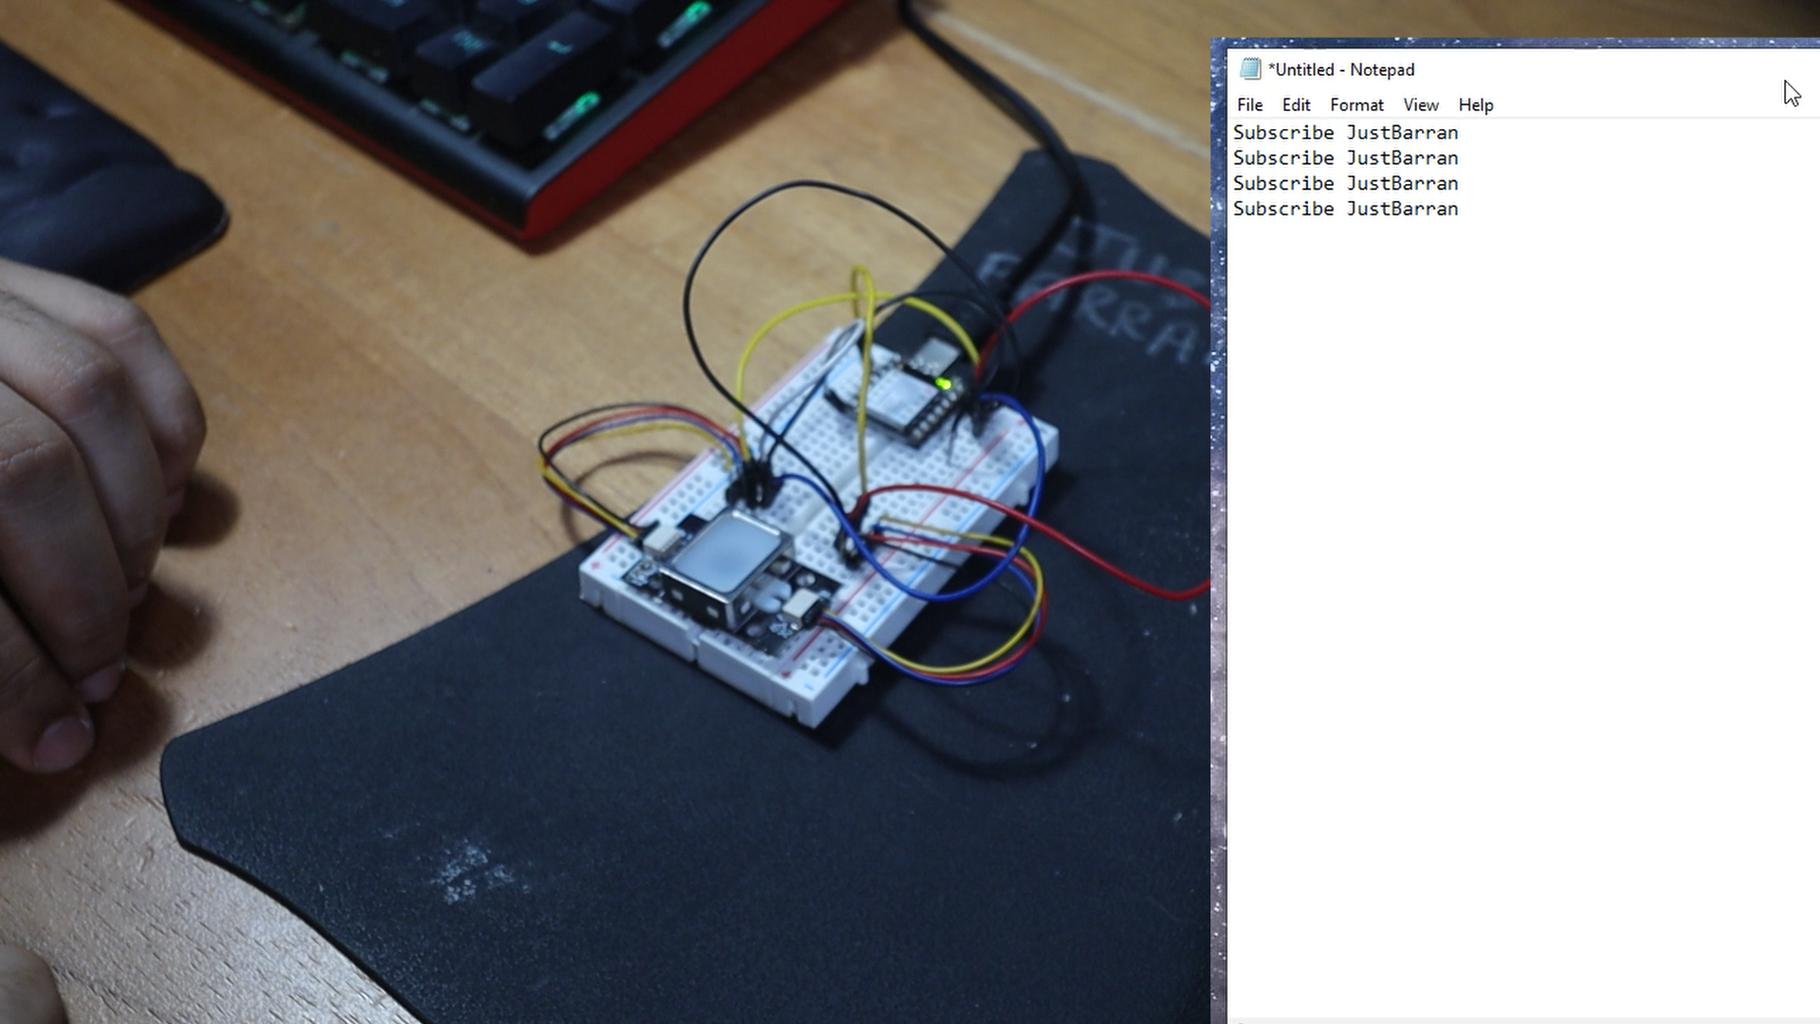 Circuit Diagram and Fingerprint Sensor